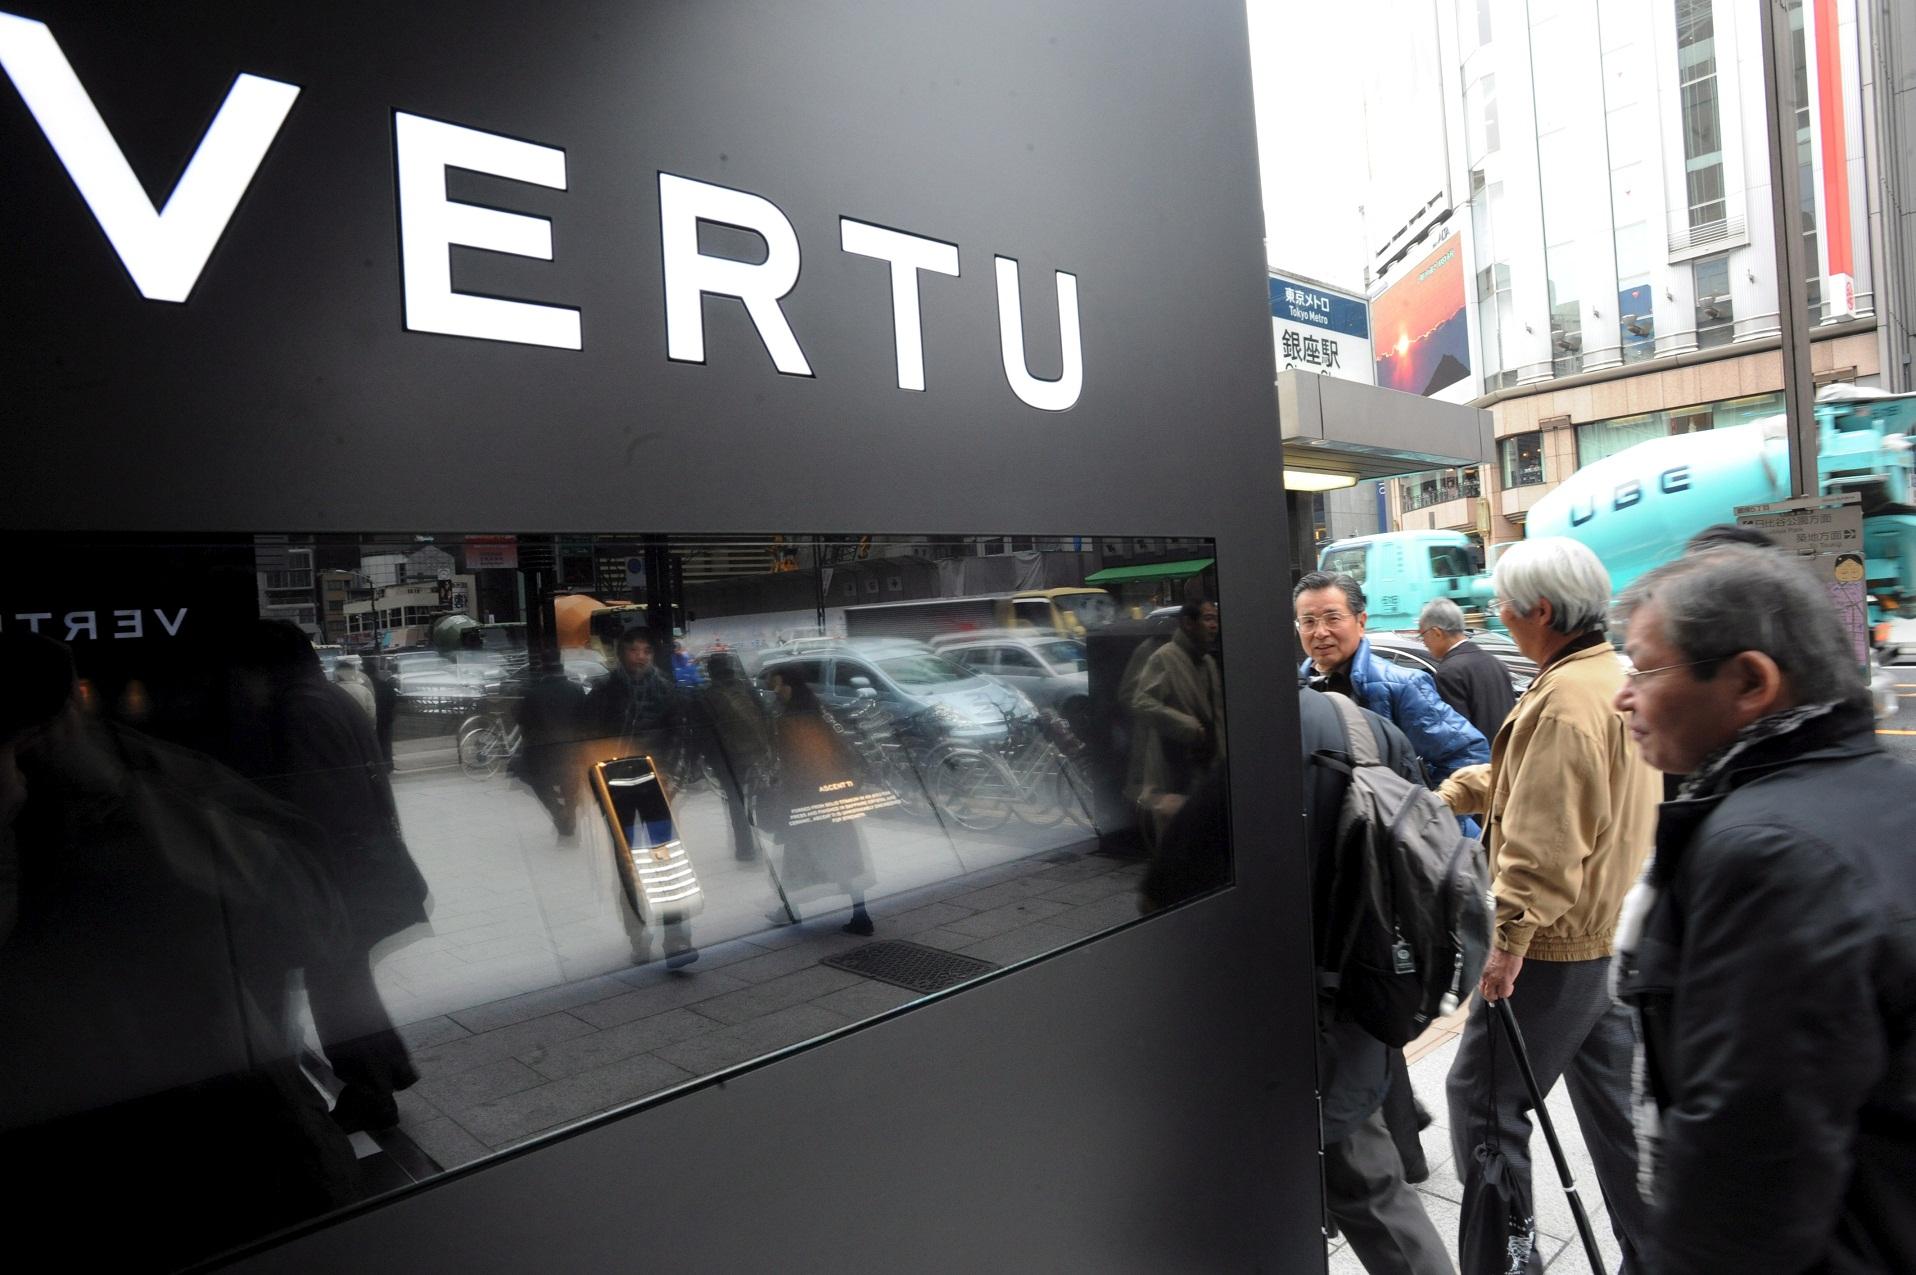 Motivul pentru care Vertu isi inchide productia de smartphone-uri din Marea Britanie